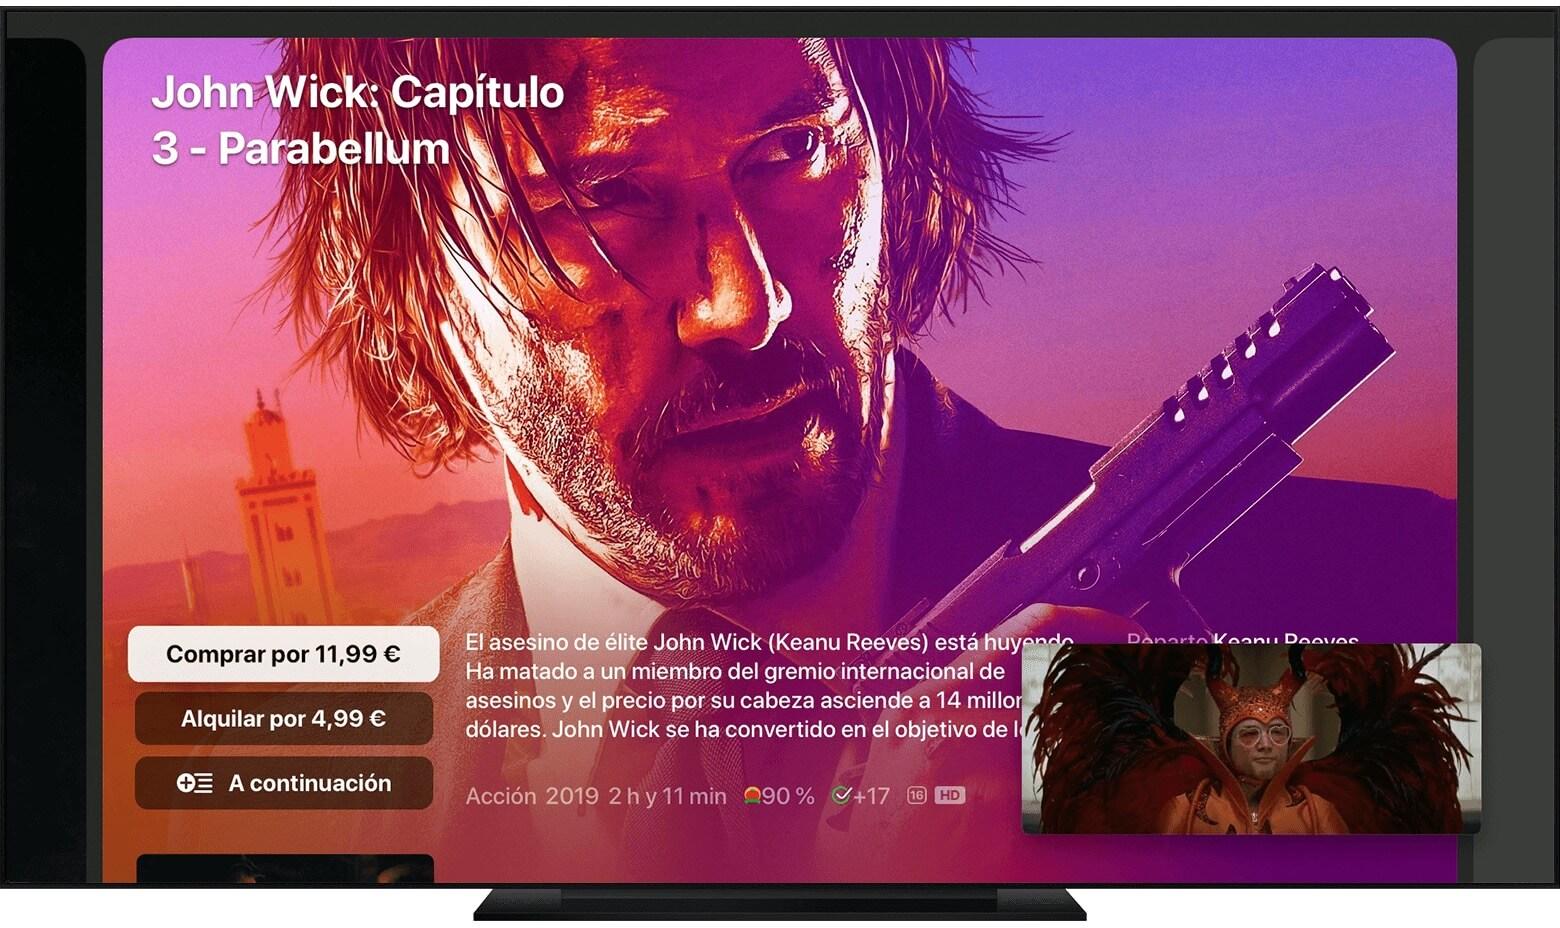 Imagen dentro de imagen Apple TV